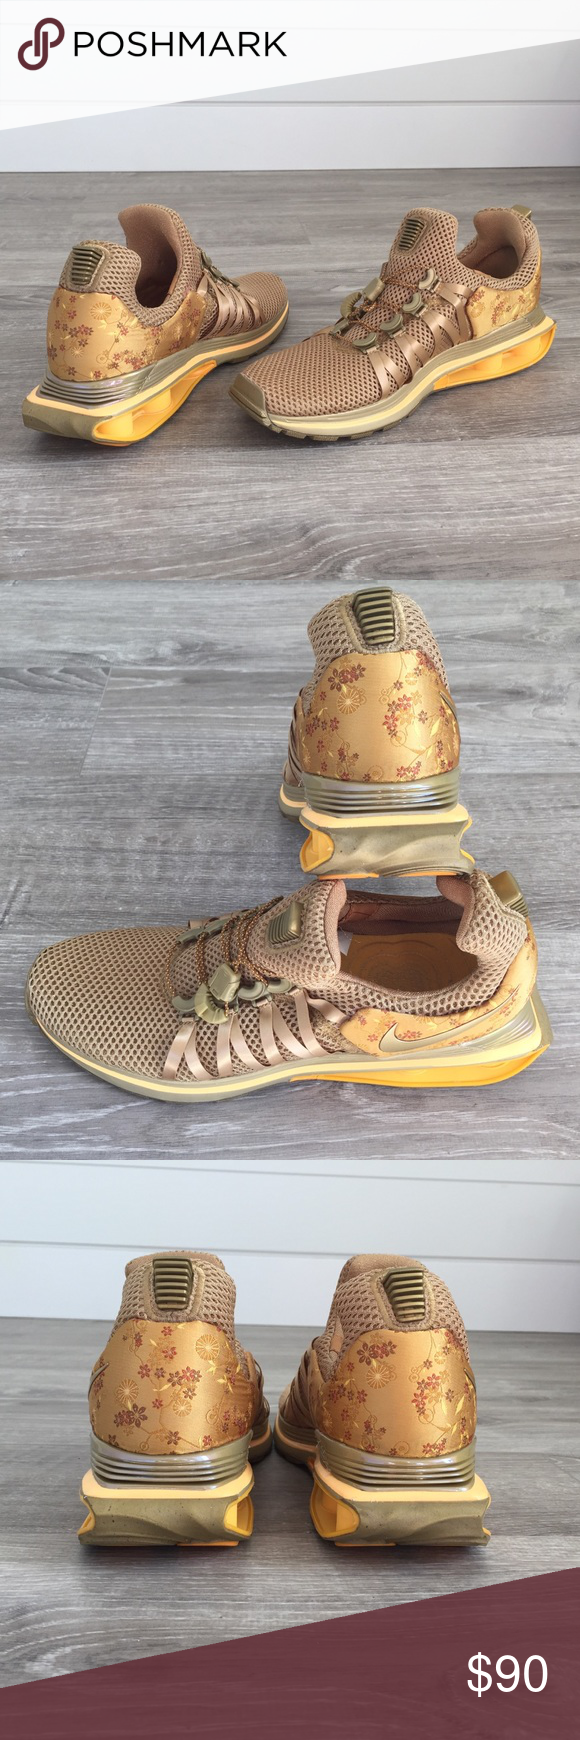 8d305bcf6de NWOB Nike Shox Gravity Running Shoes 10 Nike shox gravity women s running  shoe sneakers. Gold